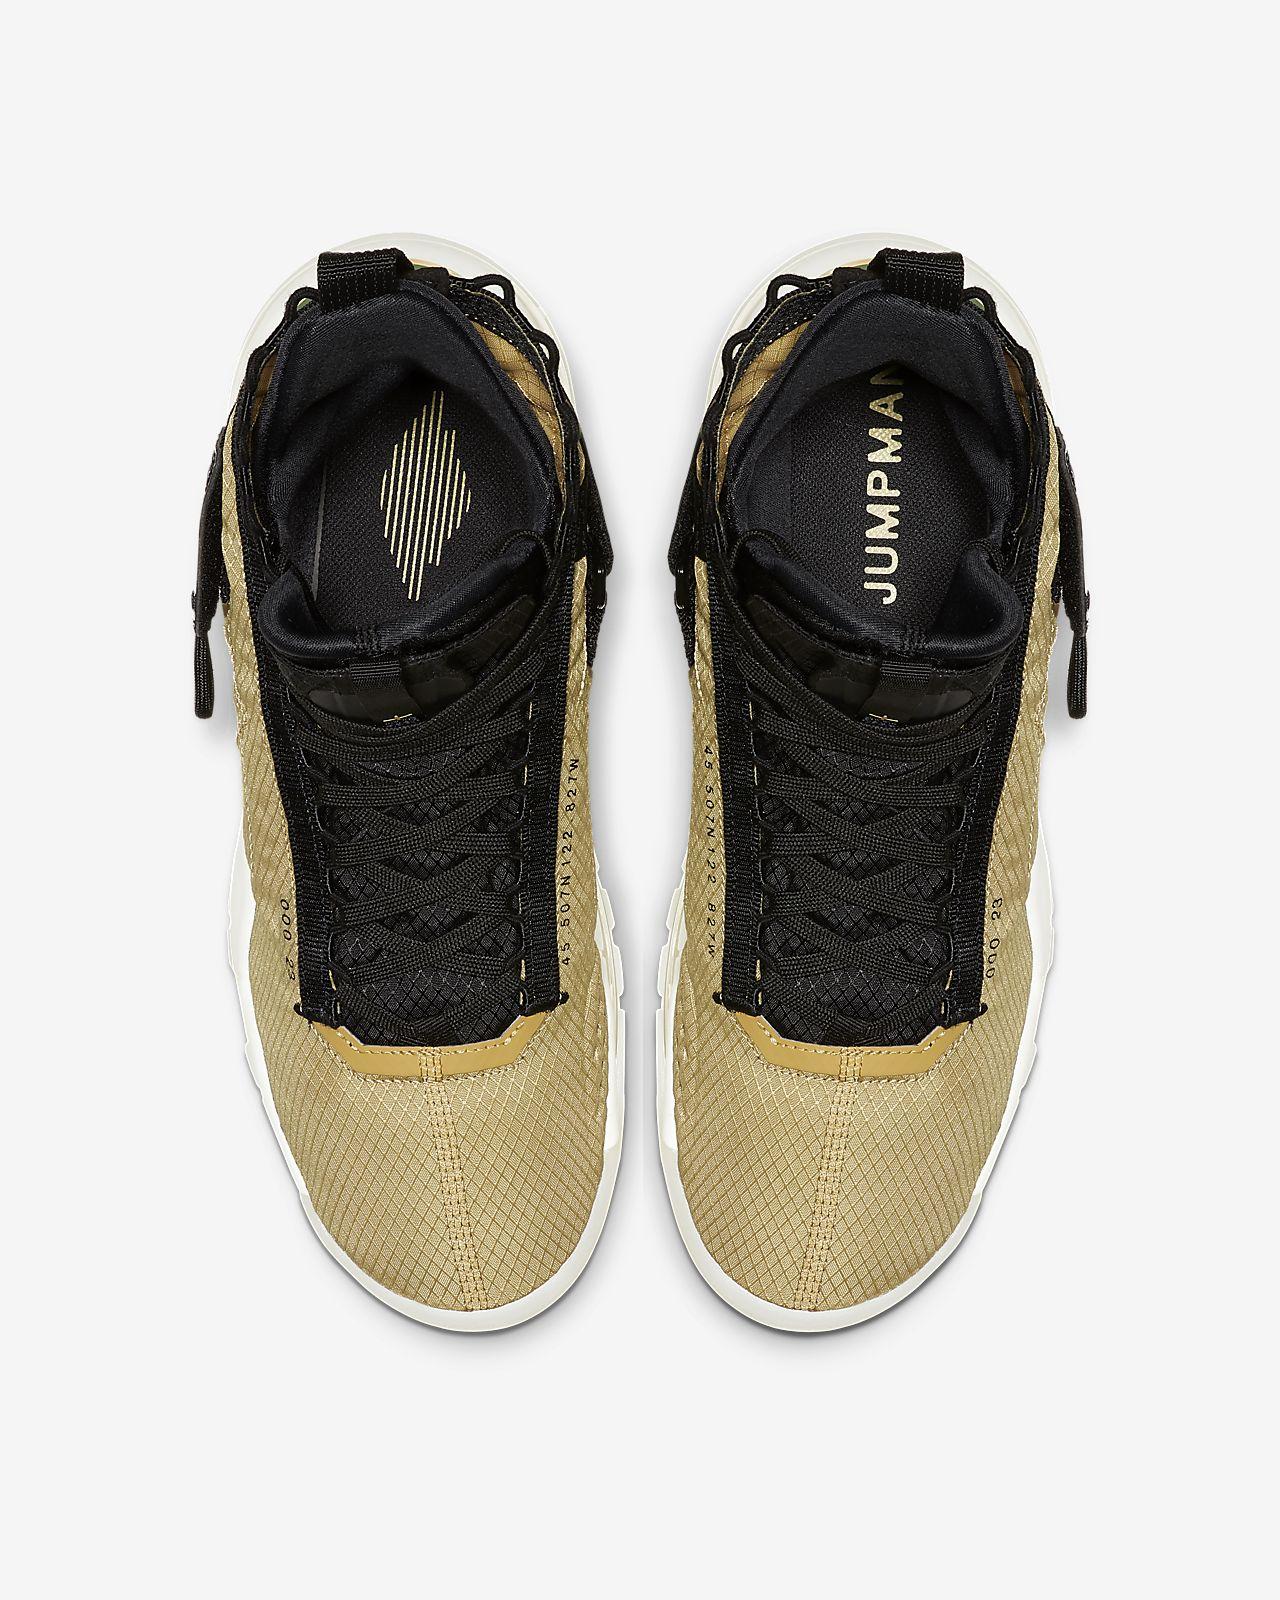 separation shoes 0697d 3cfe1 ... Jordan Proto-Max 720 Men s Shoe